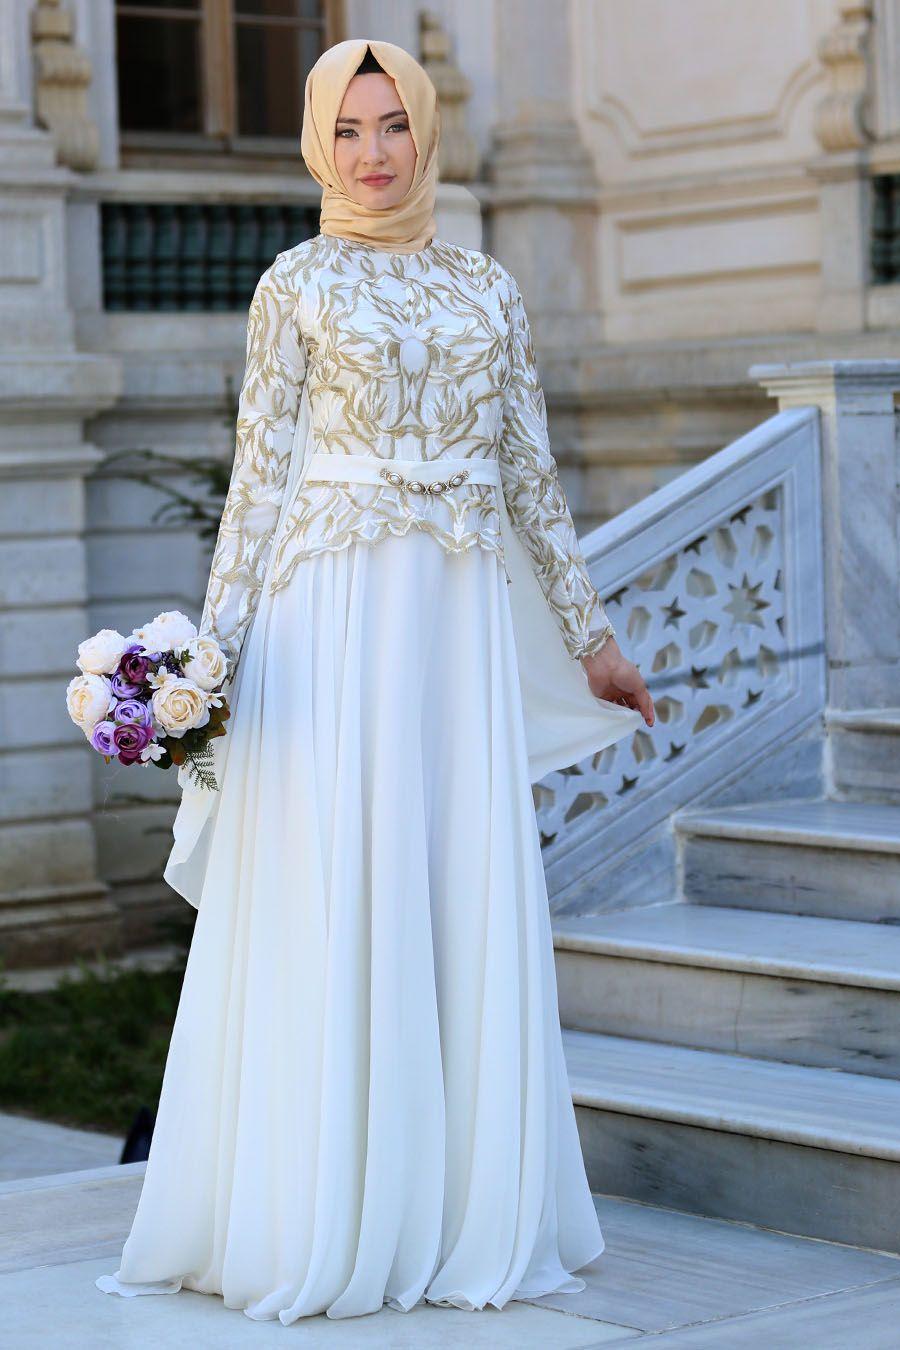 4a05920a17643 2018/2019 Yeni Sezon Özel Tasarım Abiye Koleksiyonu - Tesettürlü Abiye  Elbise - Beyaz Tesettür